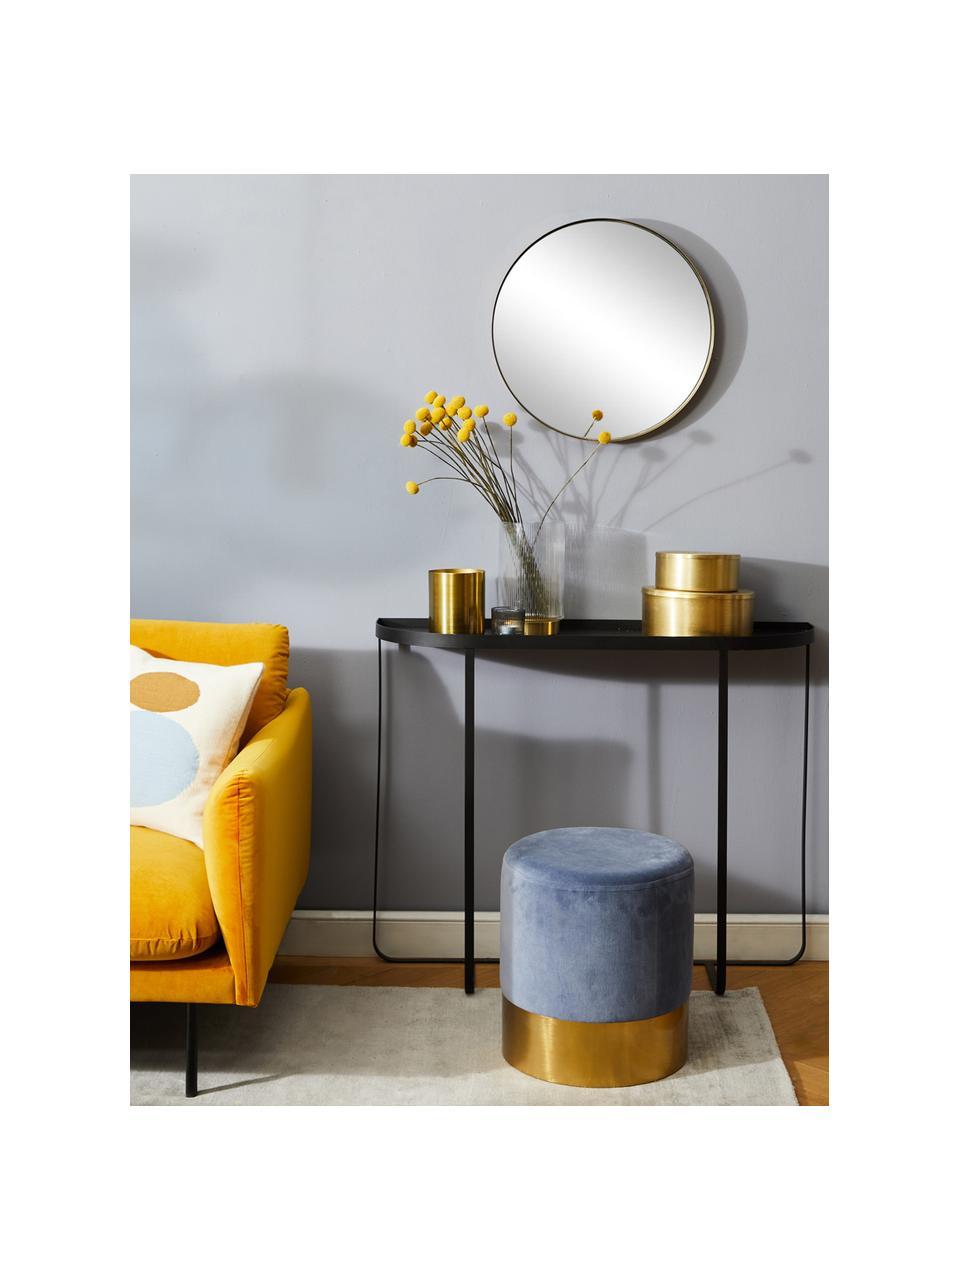 Miroir mural rond avec cadre doré Ada, Laiton, brossé